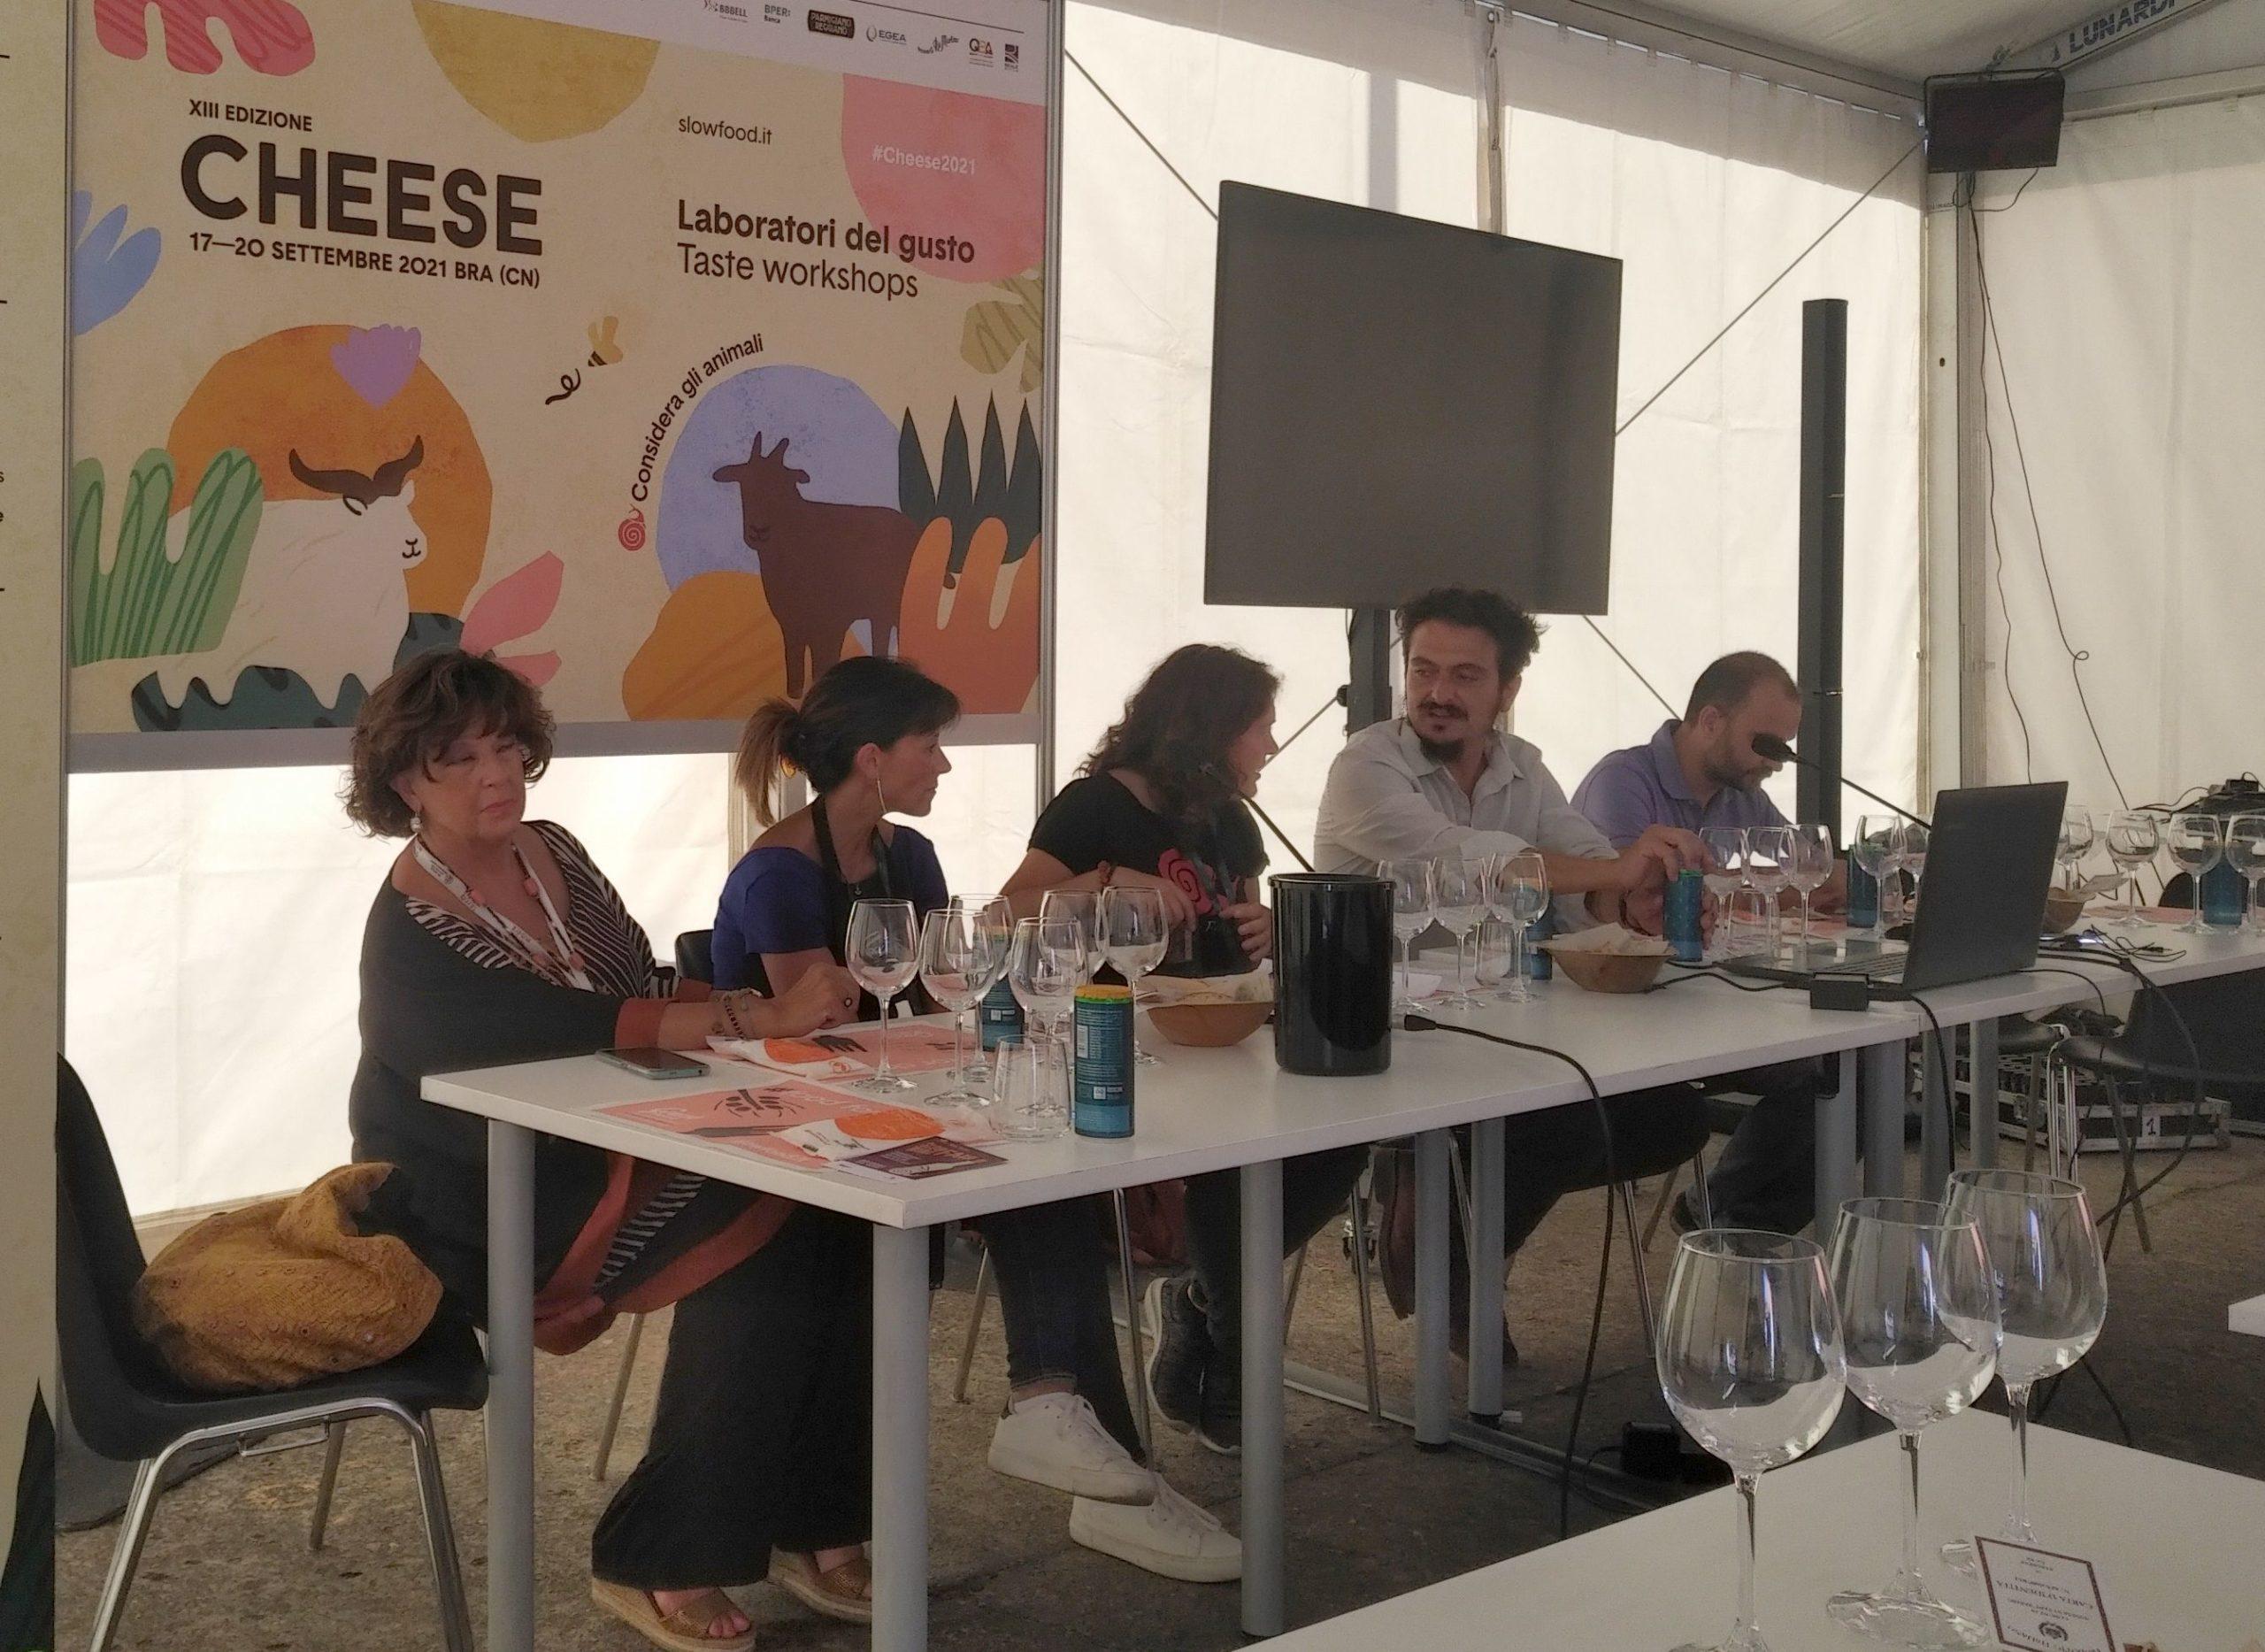 Panel dyskusyjny laboratorium smaku Znaczenie dobrostanu zwierząt na przykładzie świń z wolnego wypasu, Cheese 2021